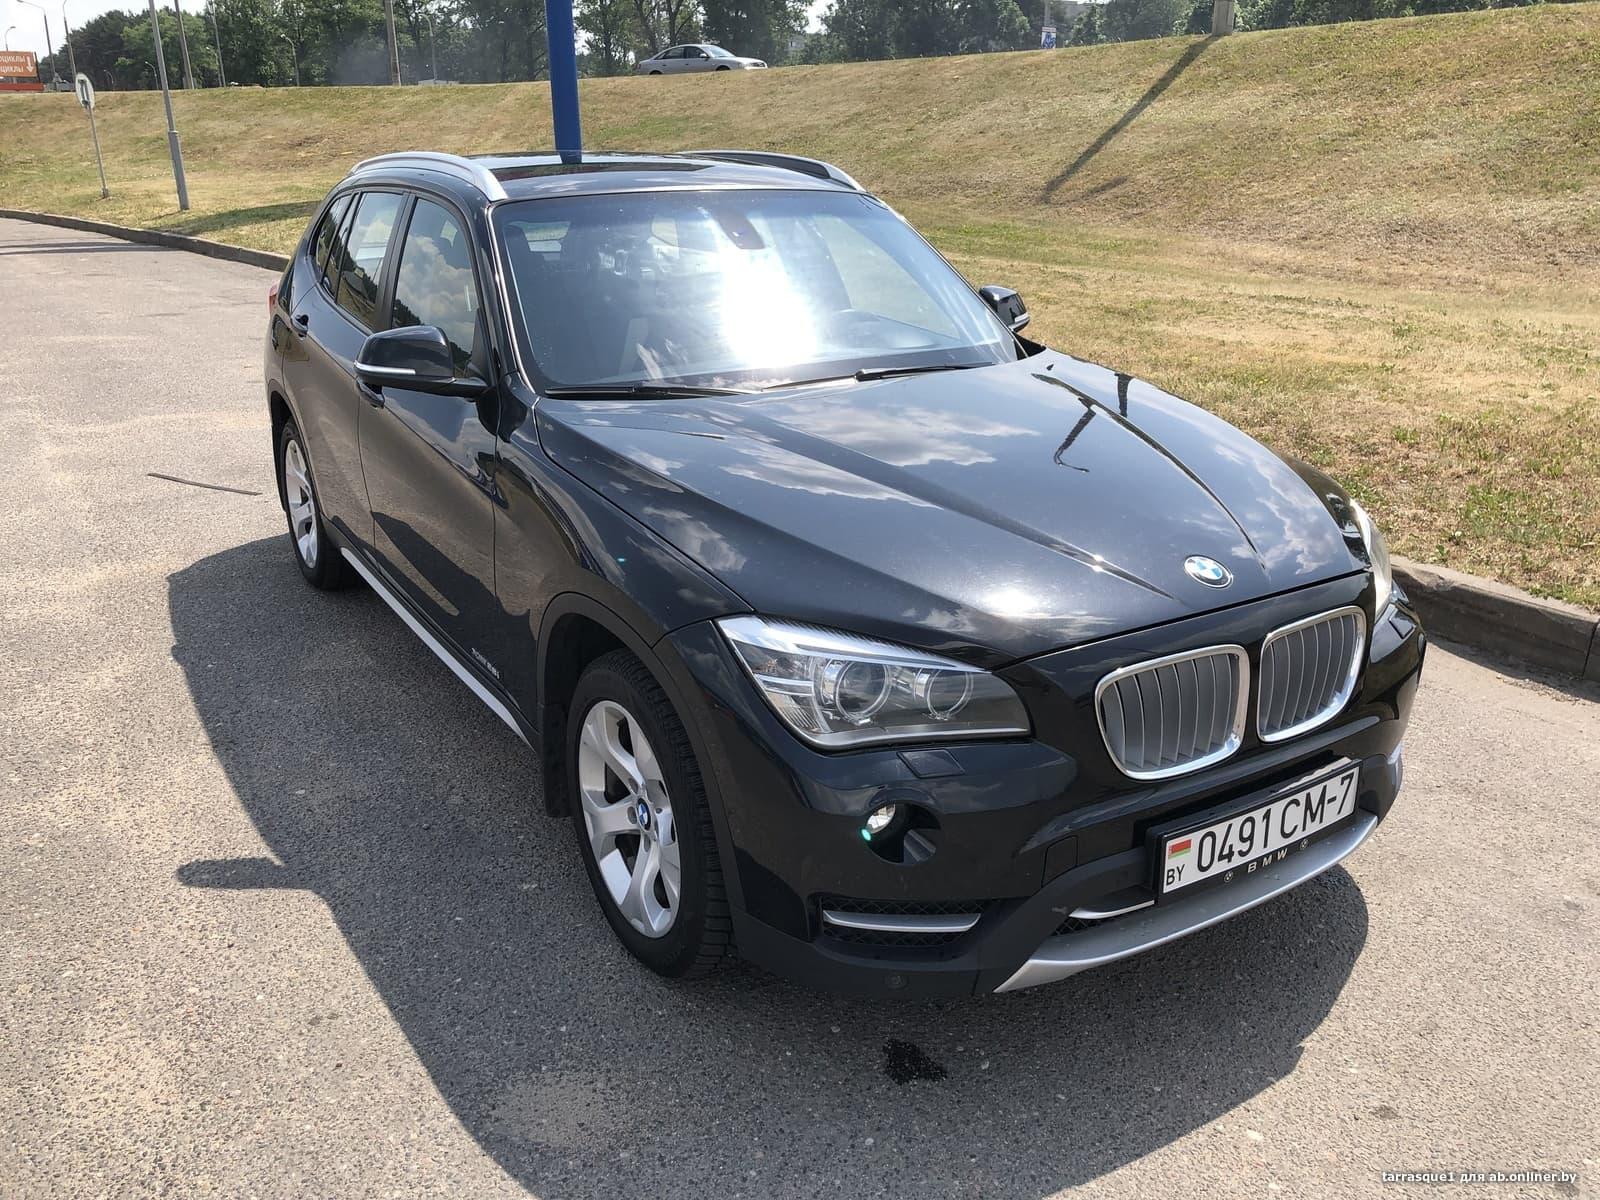 BMW X1 2.8 XDrive